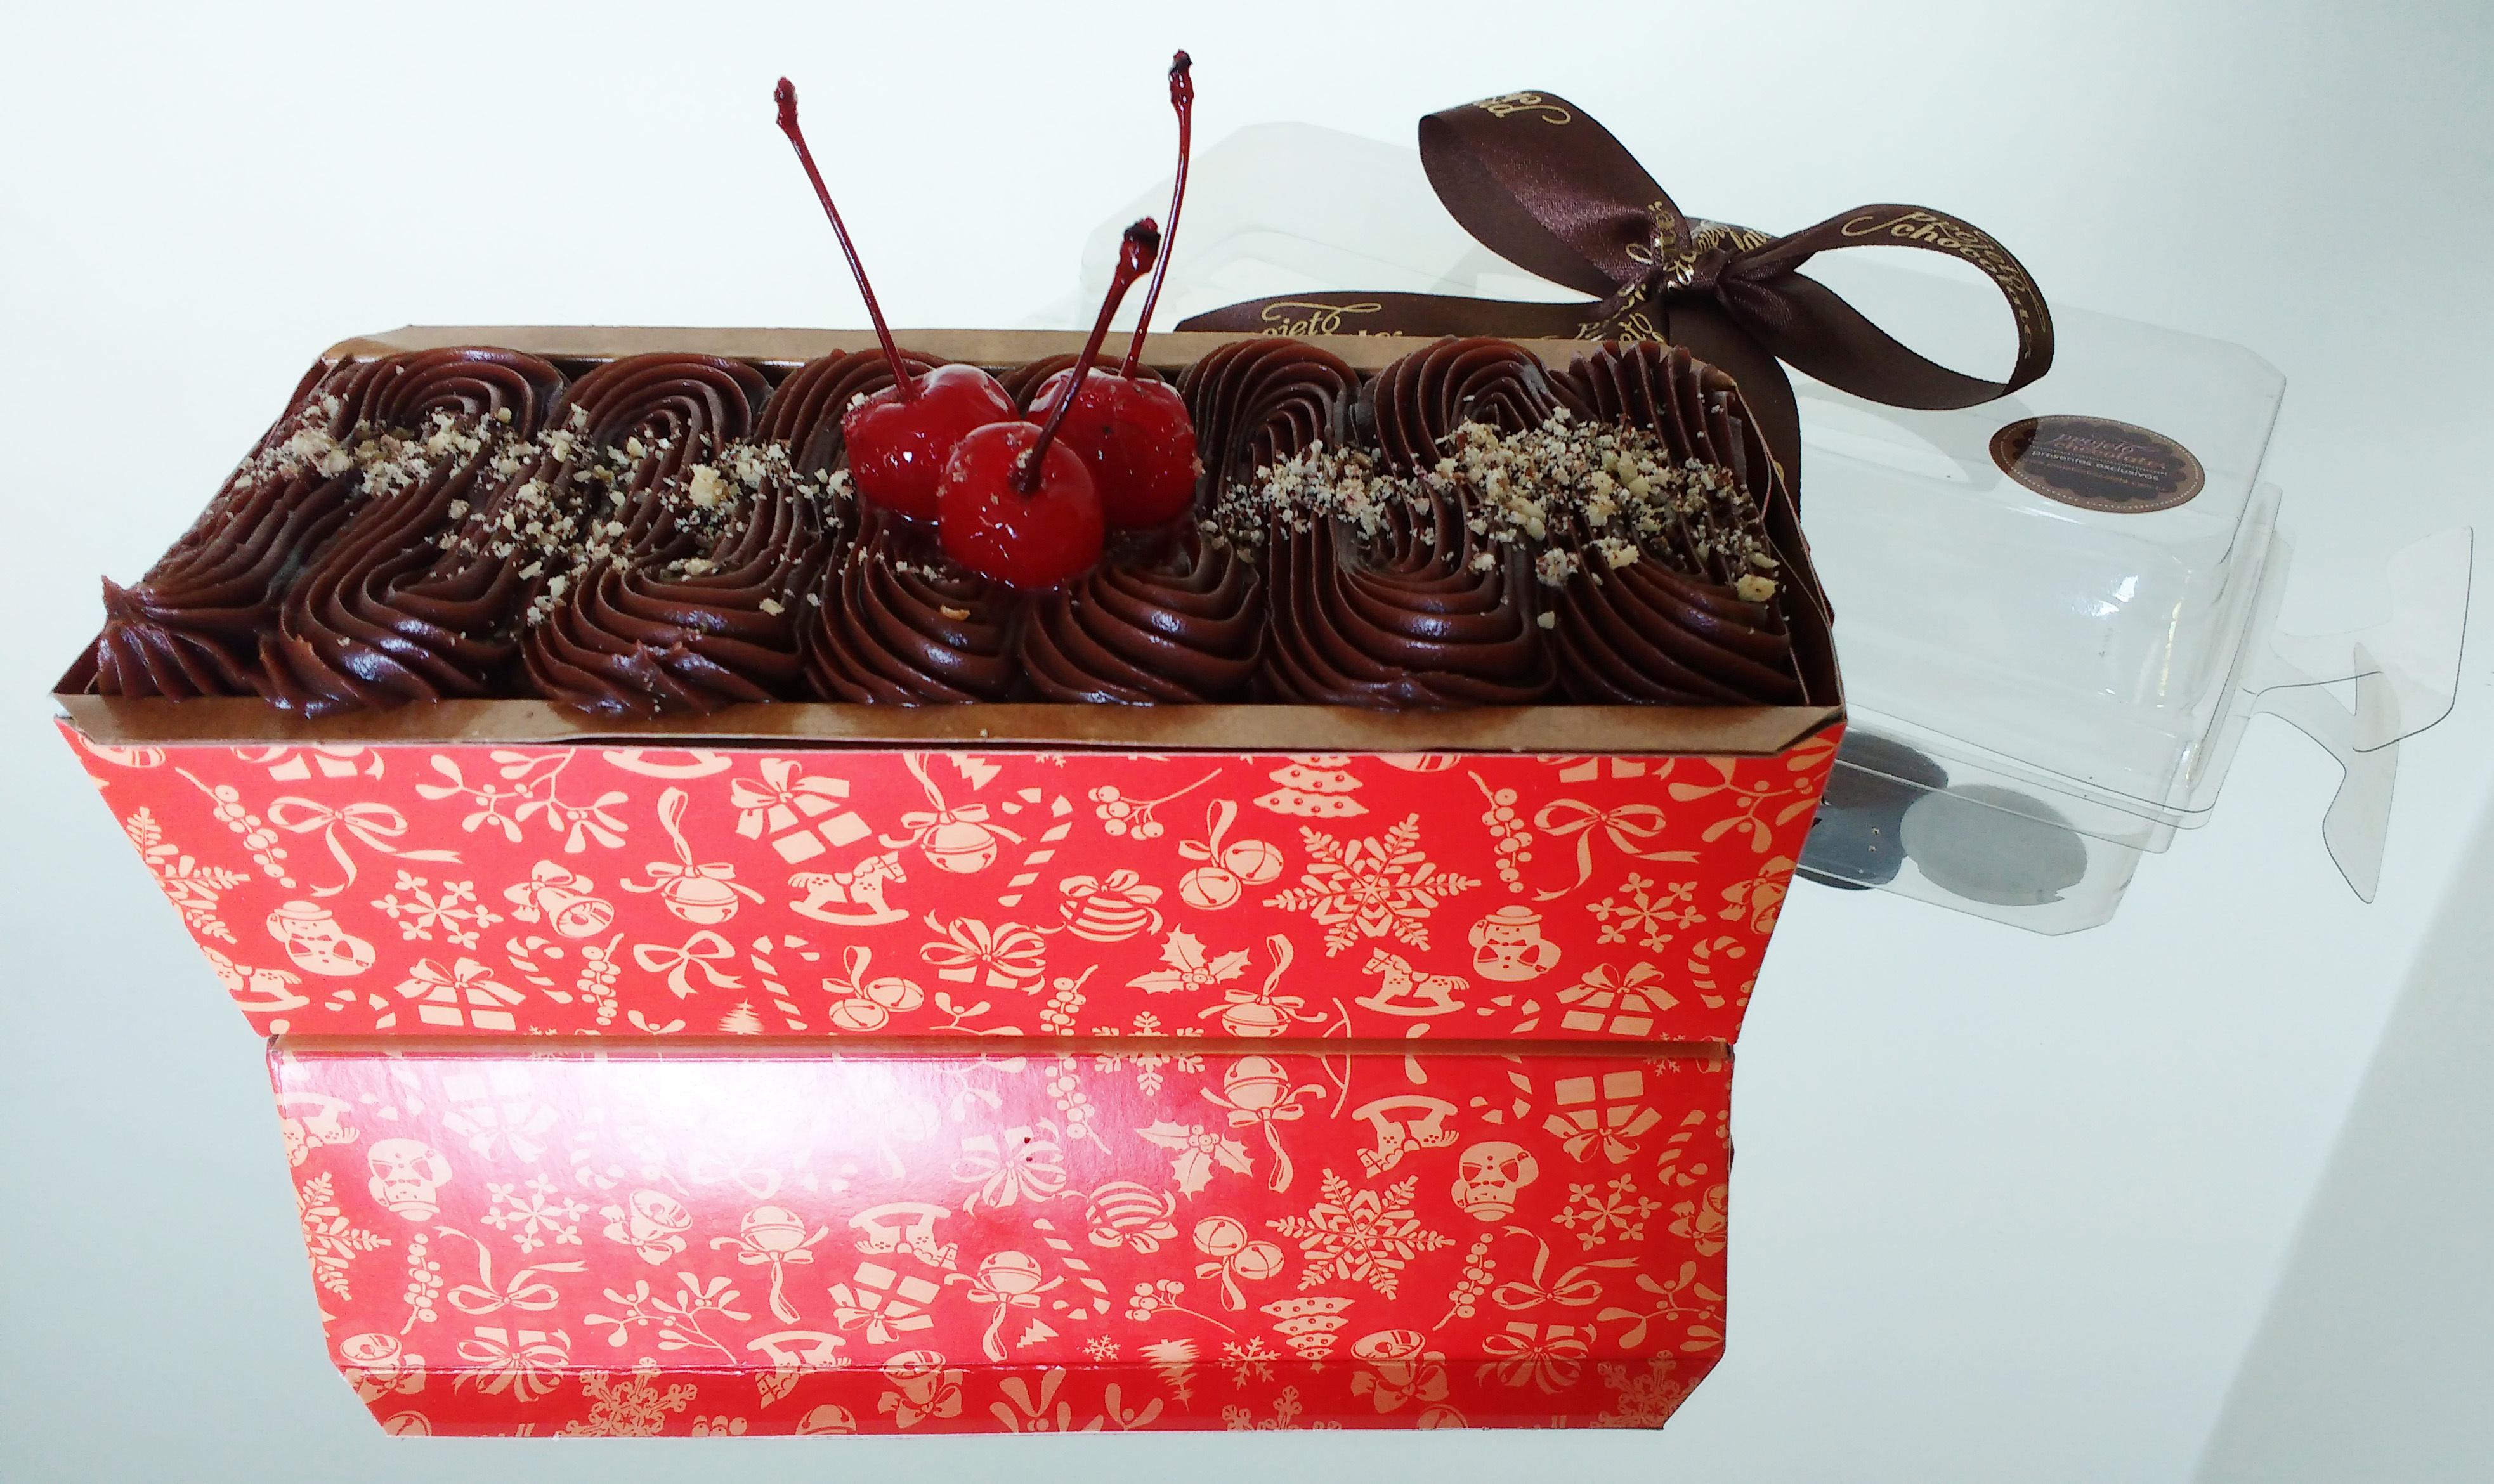 Bolo caseiro de chocolate com nozes e cereja